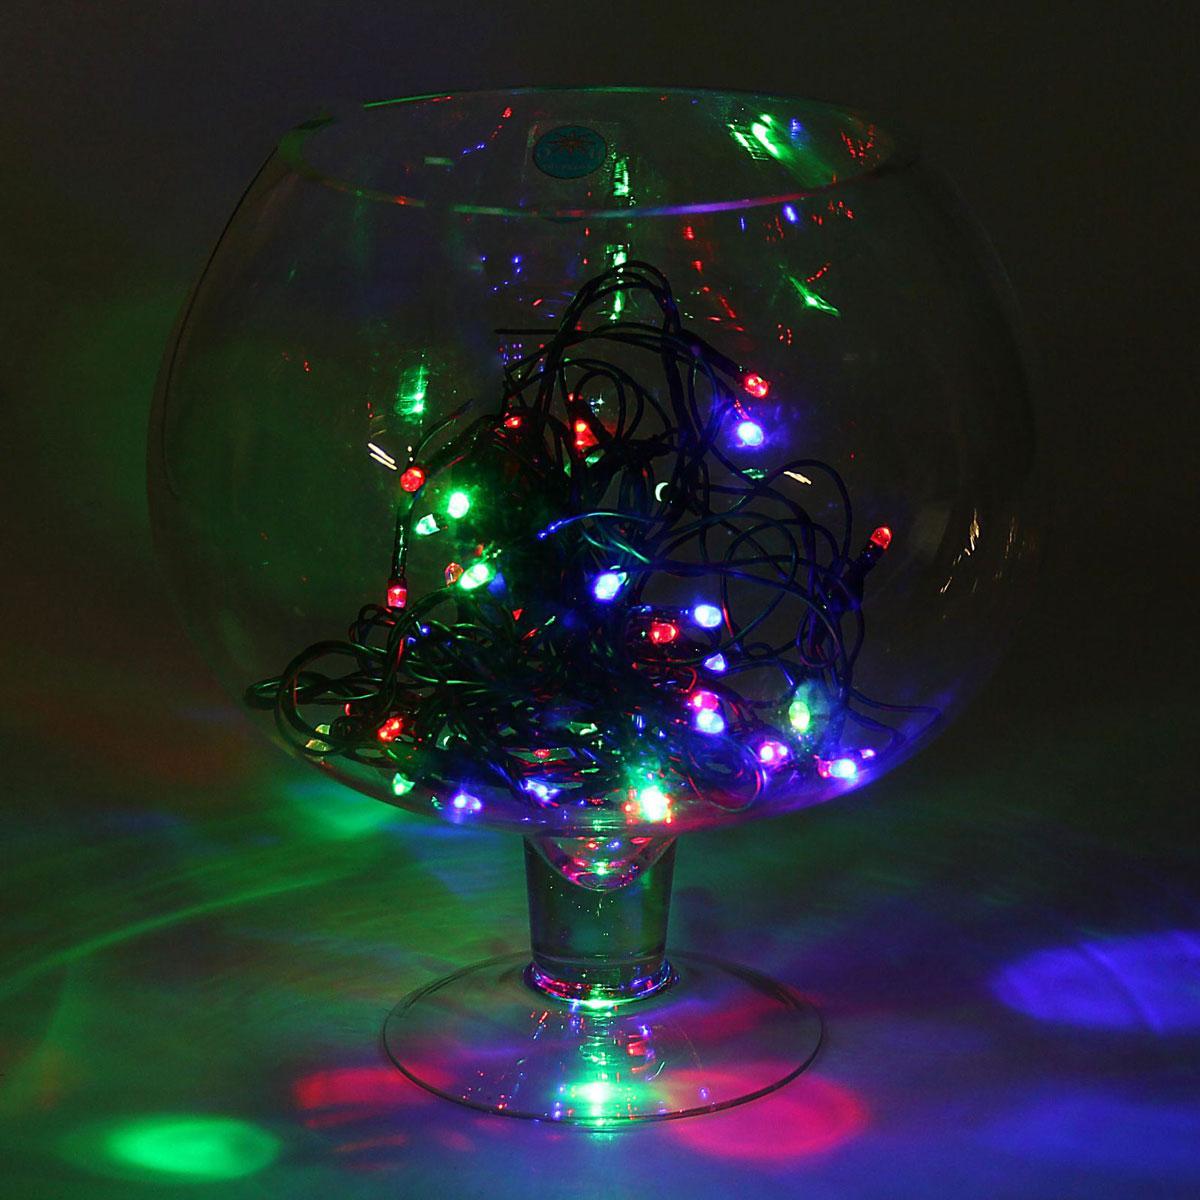 Гирлянда светодиодная Luazon Метраж, уличная, моргает, 52 лампы, 220 V, 5 м, цвет: мультиколор. 10799761079976Светодиодные гирлянды, ленты и т.д. — это отличный вариант для новогоднего оформления интерьера или фасада. С их помощью помещение любого размера можно превратить в праздничный зал, а внешние элементы зданий, украшенные ими, мгновенно станут напоминать очертания сказочного дворца. Такие украшения создают ауру предвкушения чуда. Деревья, фасады, витрины, окна и арки будто специально созданы, чтобы вы украсили их светящимися нитями.